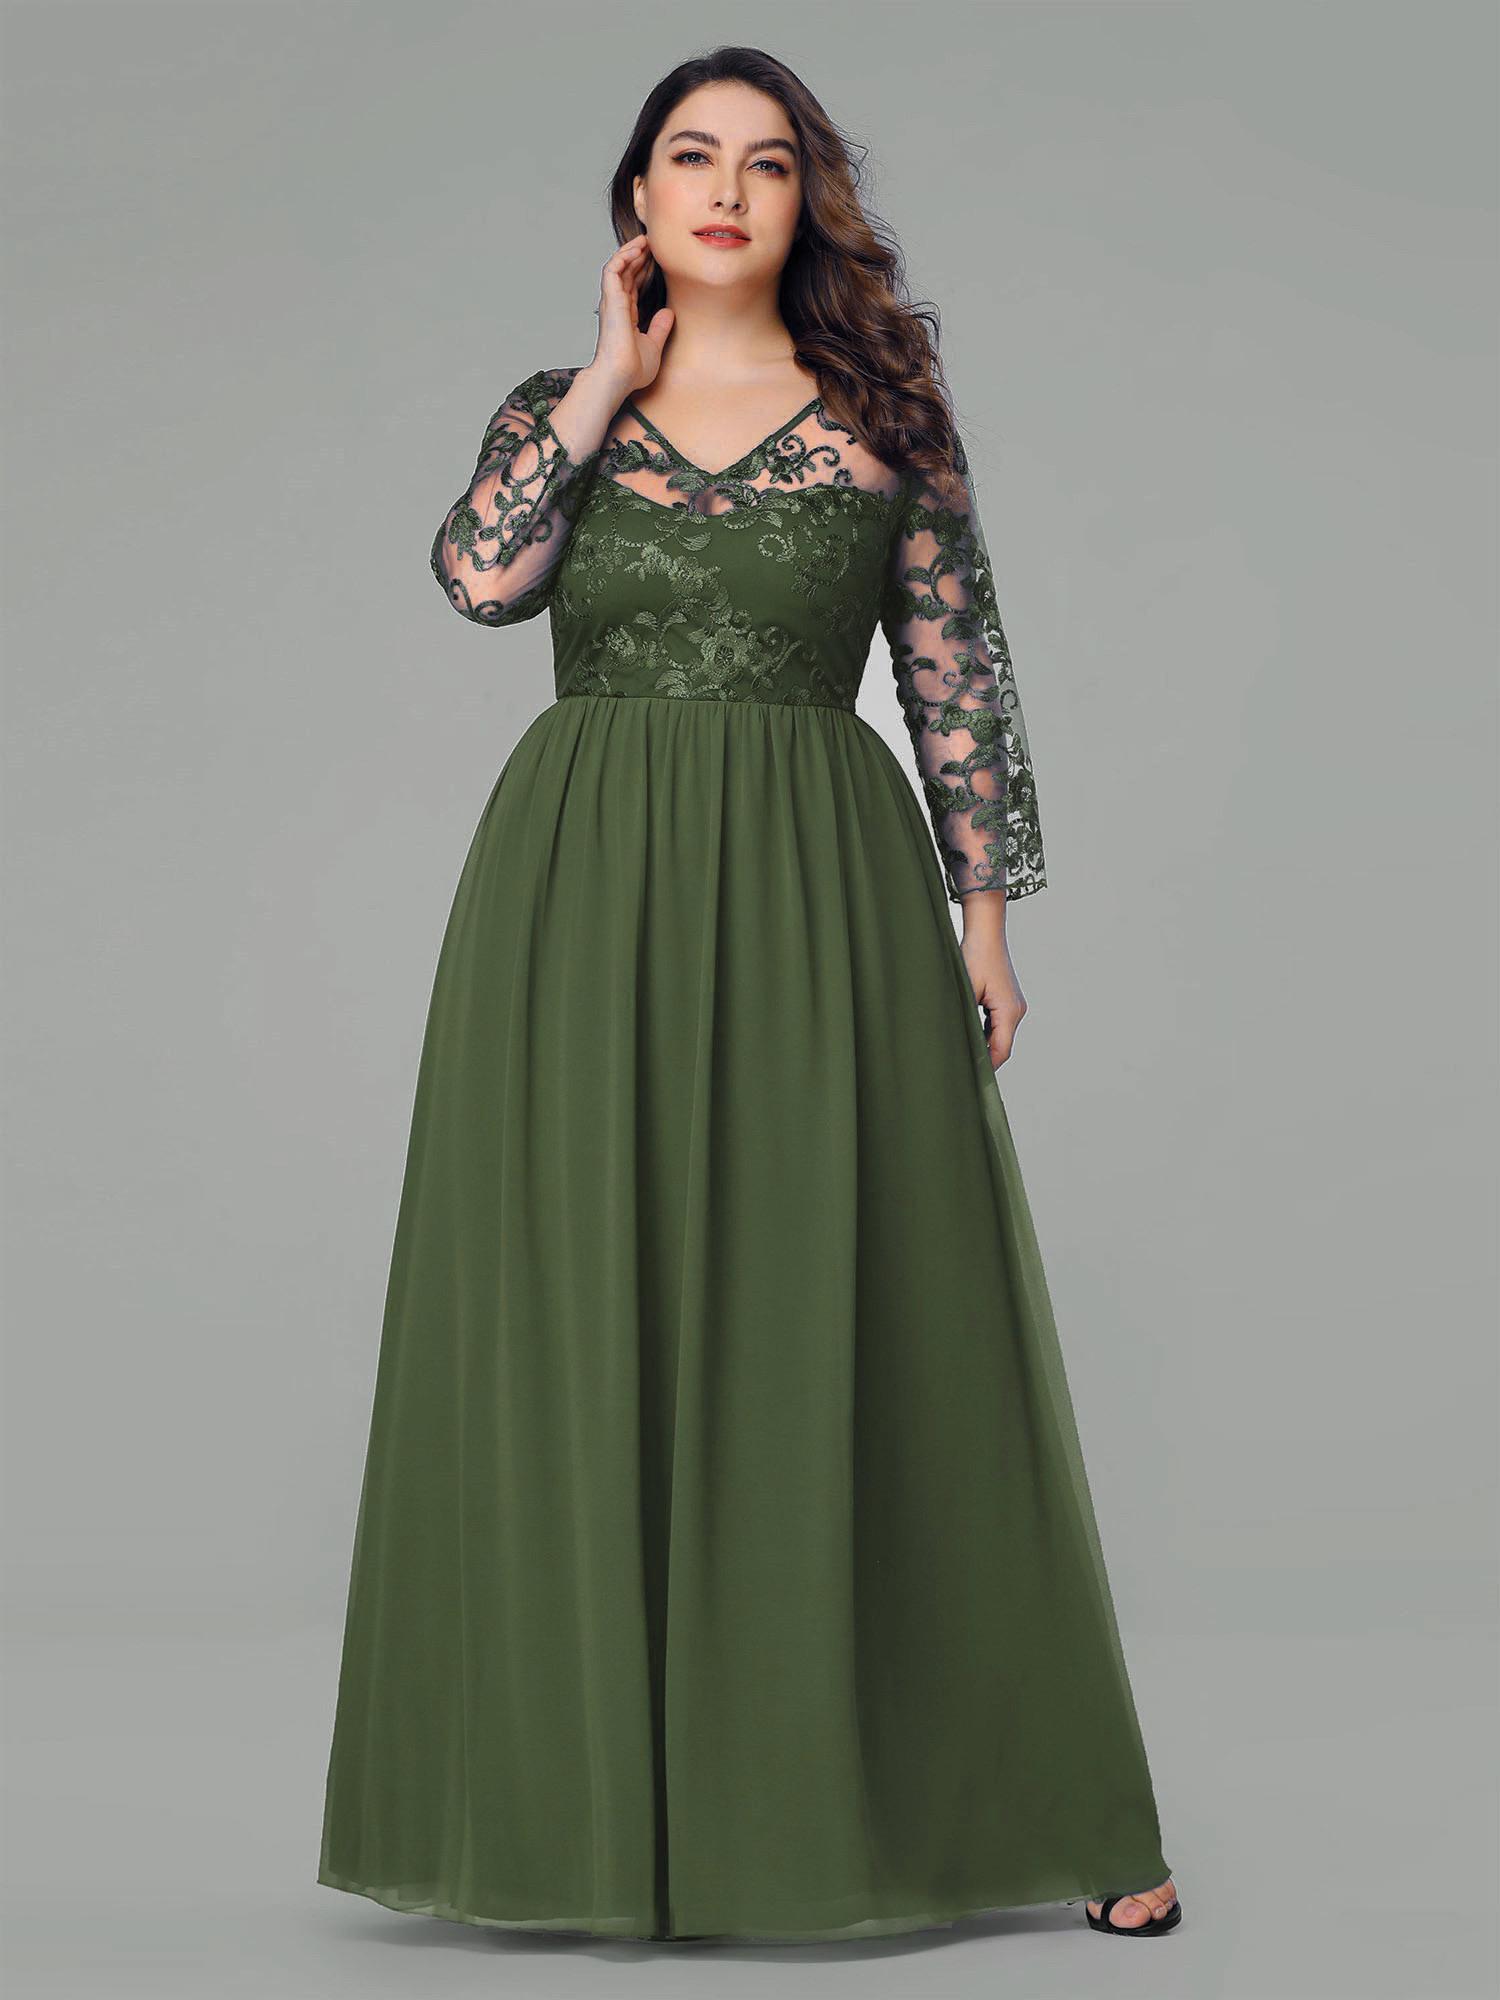 Erstaunlich Abendkleid Große Größen Ärmel10 Schön Abendkleid Große Größen Boutique